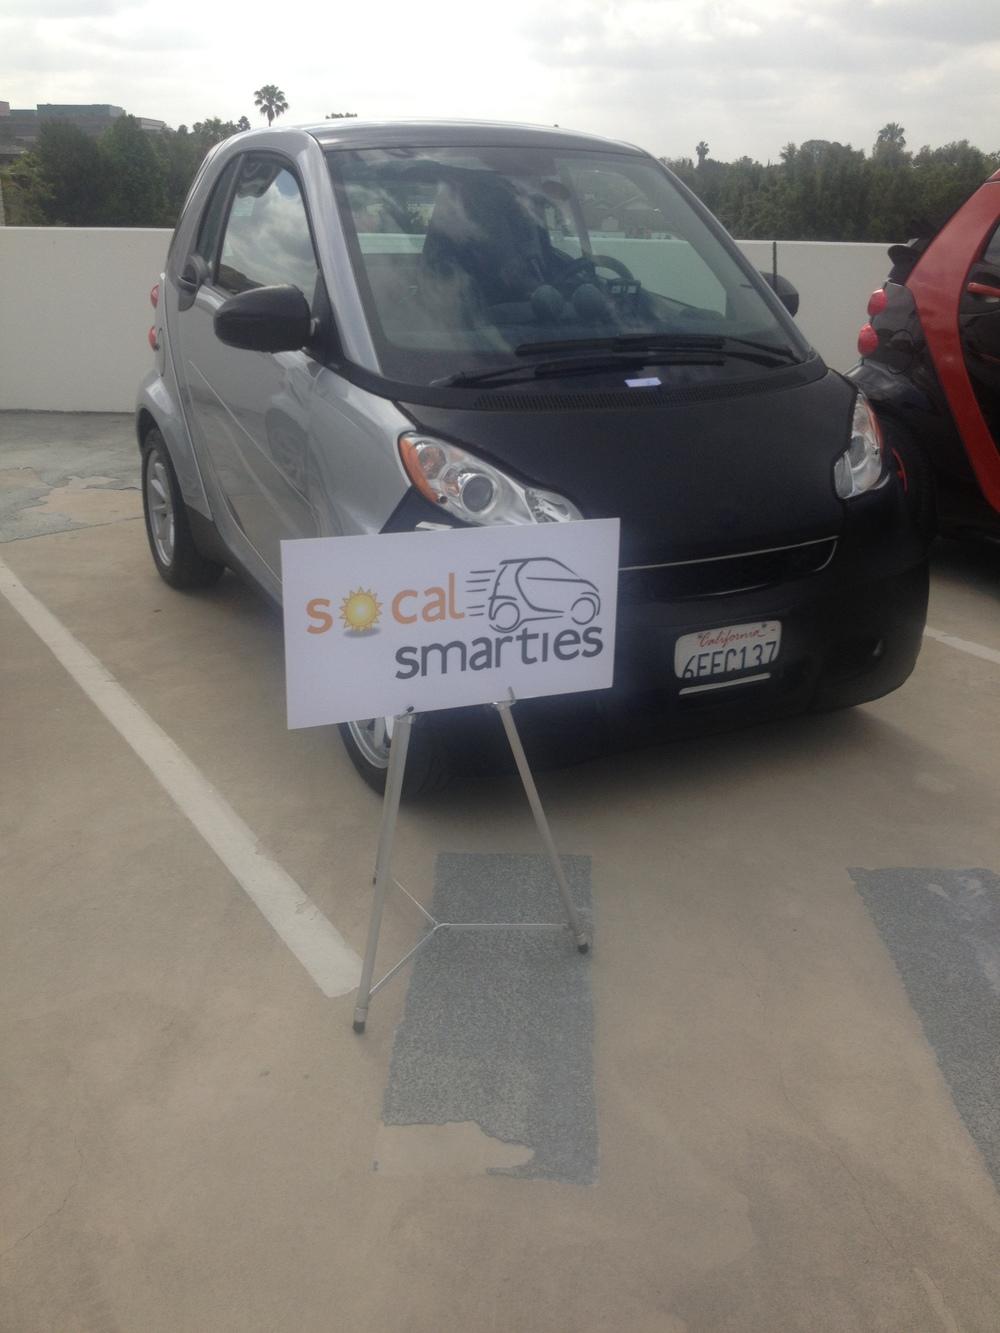 SoCal Smarties